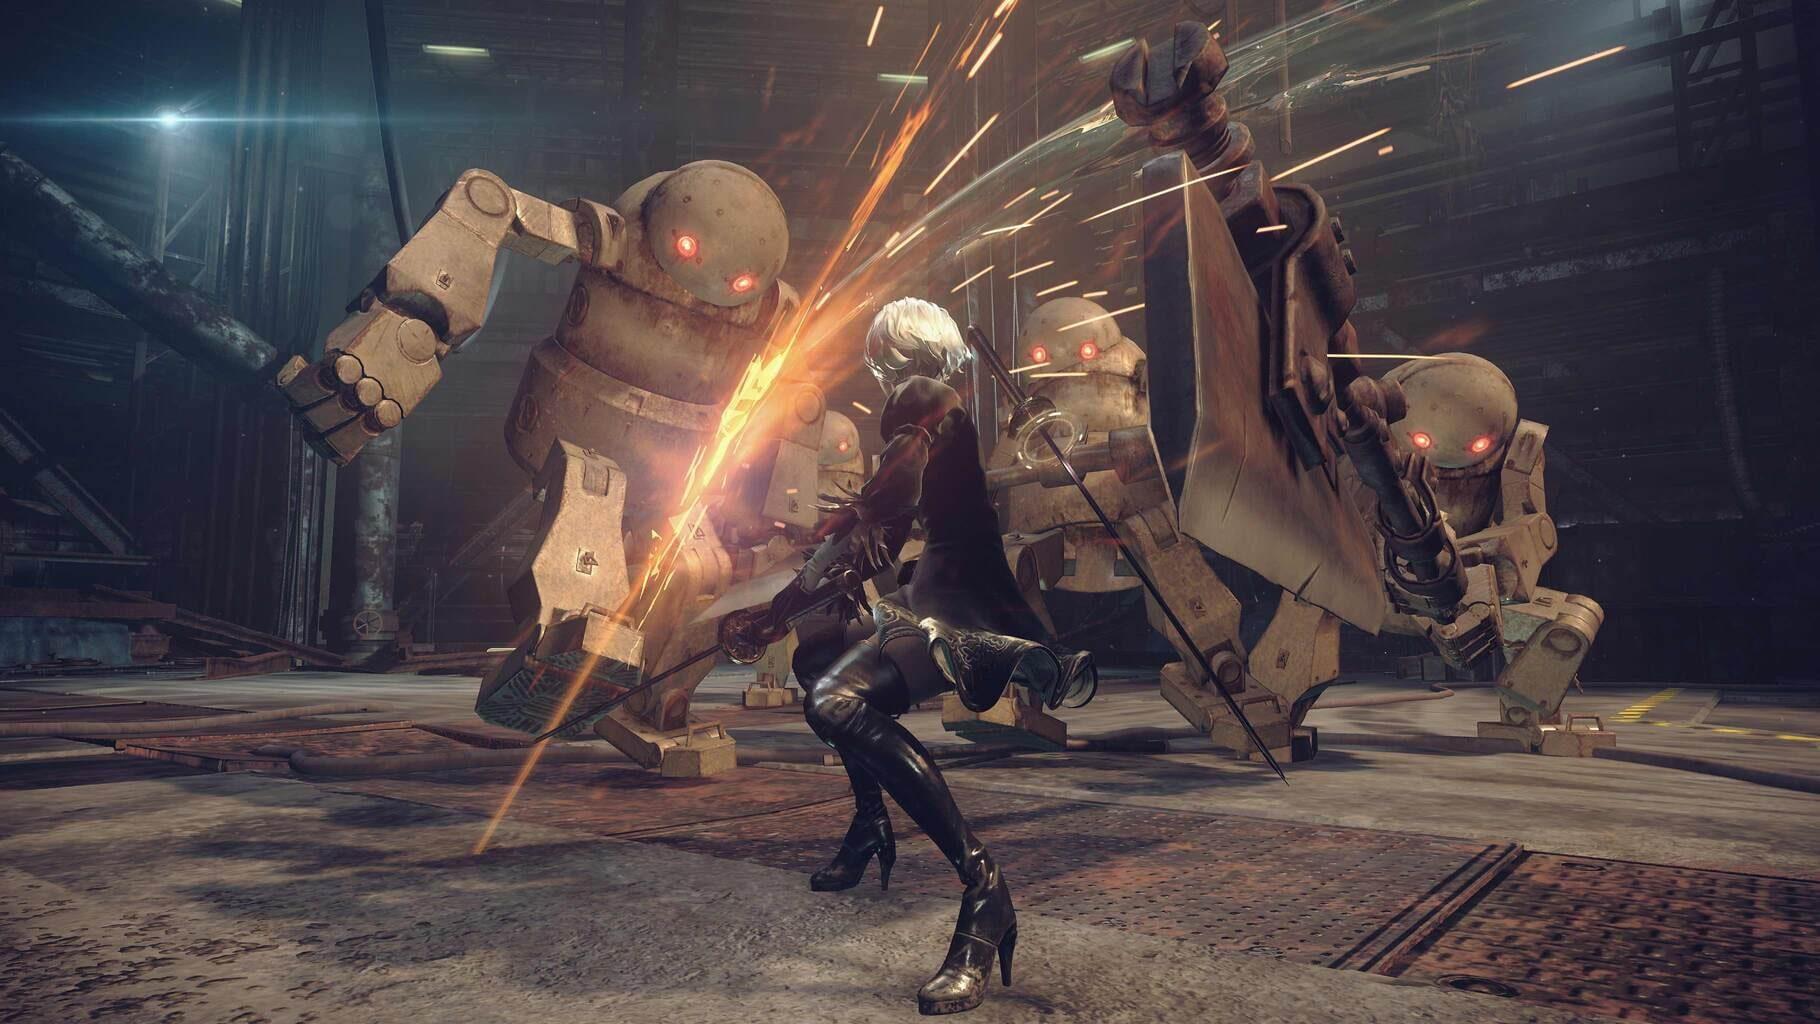 Gameplay Screenshot from NieR: Automata